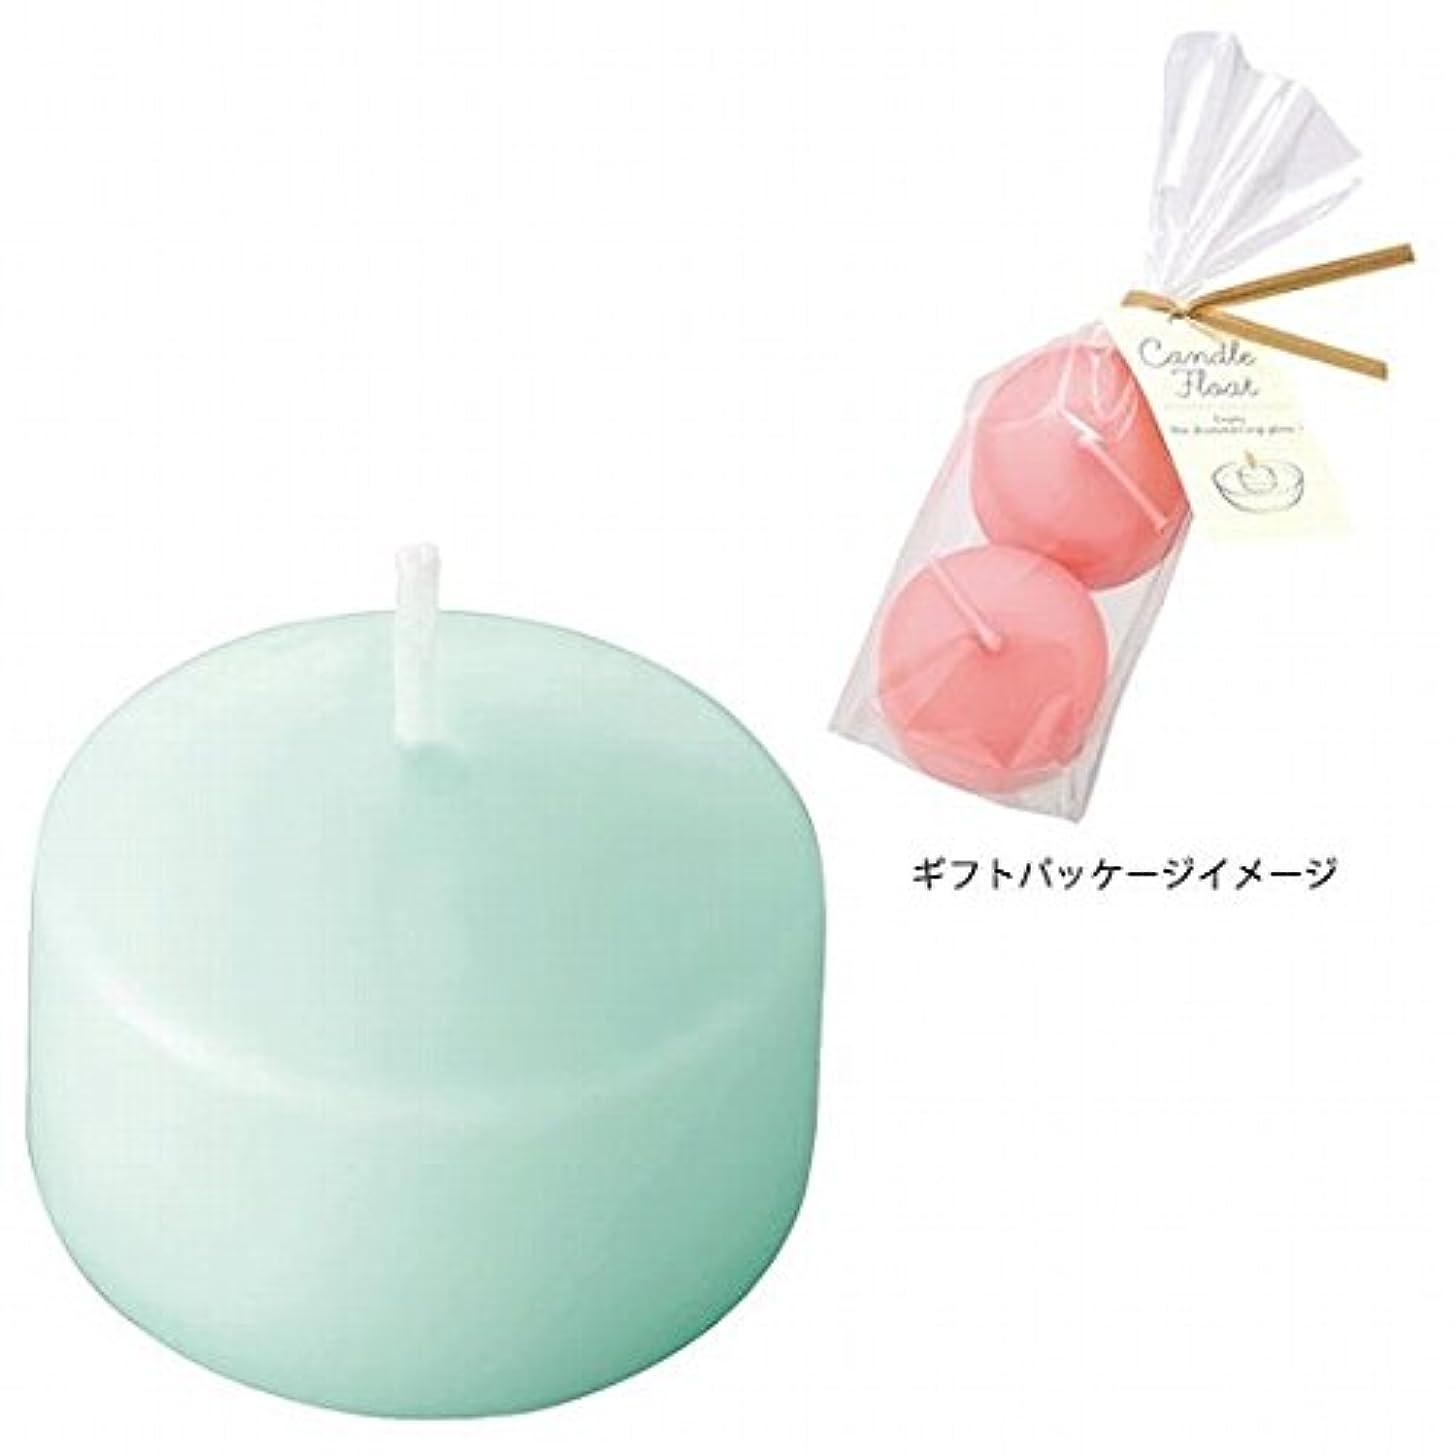 コート階下現実的カメヤマキャンドル( kameyama candle ) ハッピープール(2個入り) キャンドル 「ライトブルー」